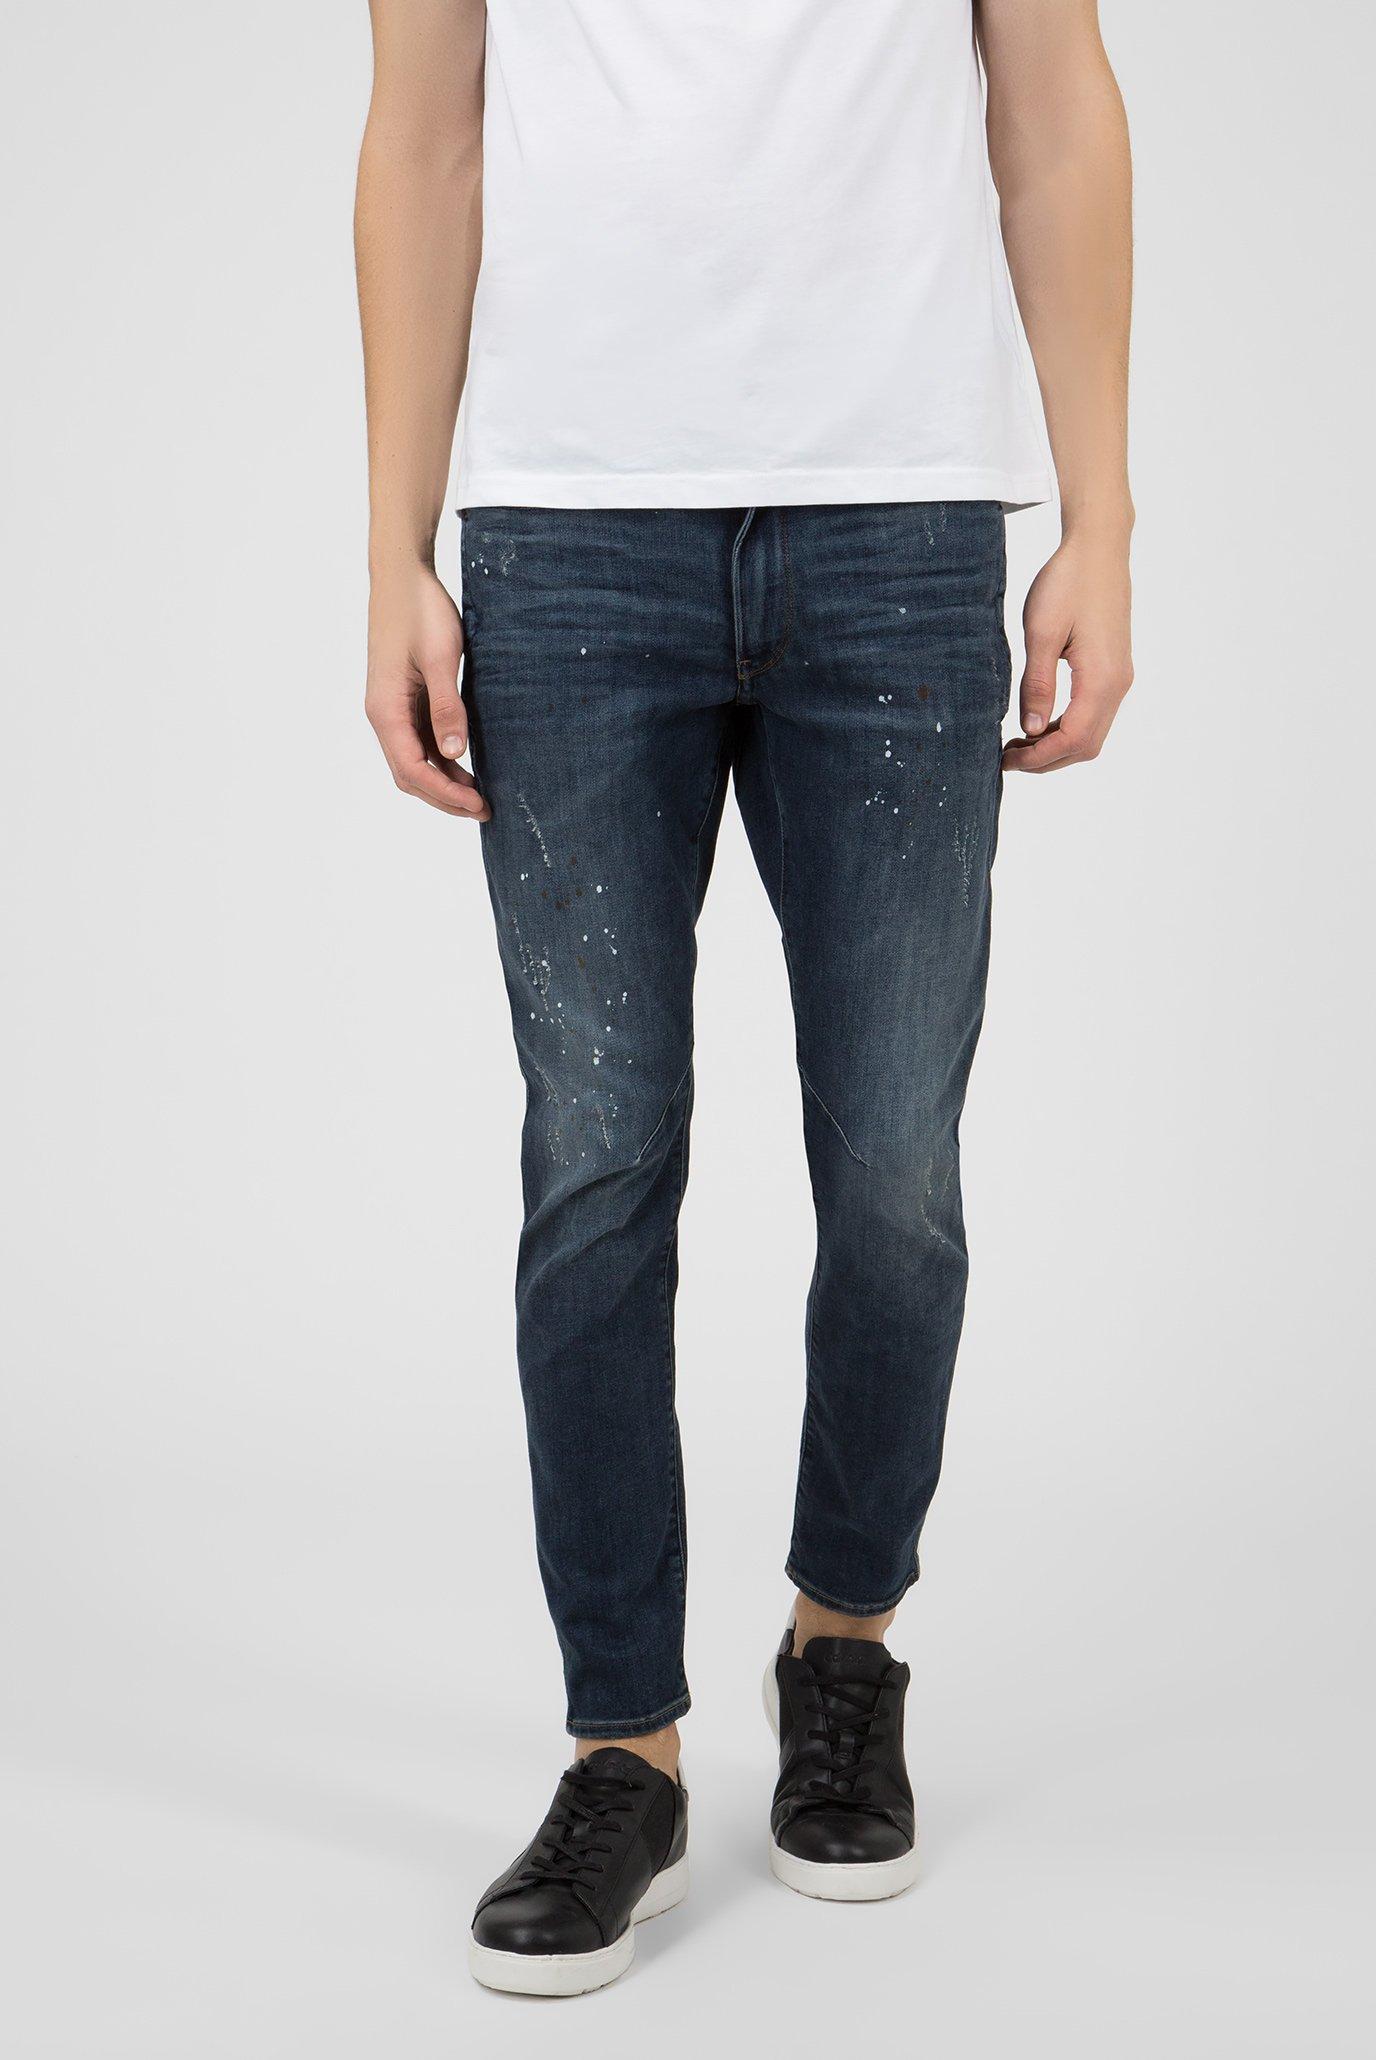 Купить Мужские темно-синие джинсы D-Staq G-Star RAW G-Star RAW D05385,8968 – Киев, Украина. Цены в интернет магазине MD Fashion